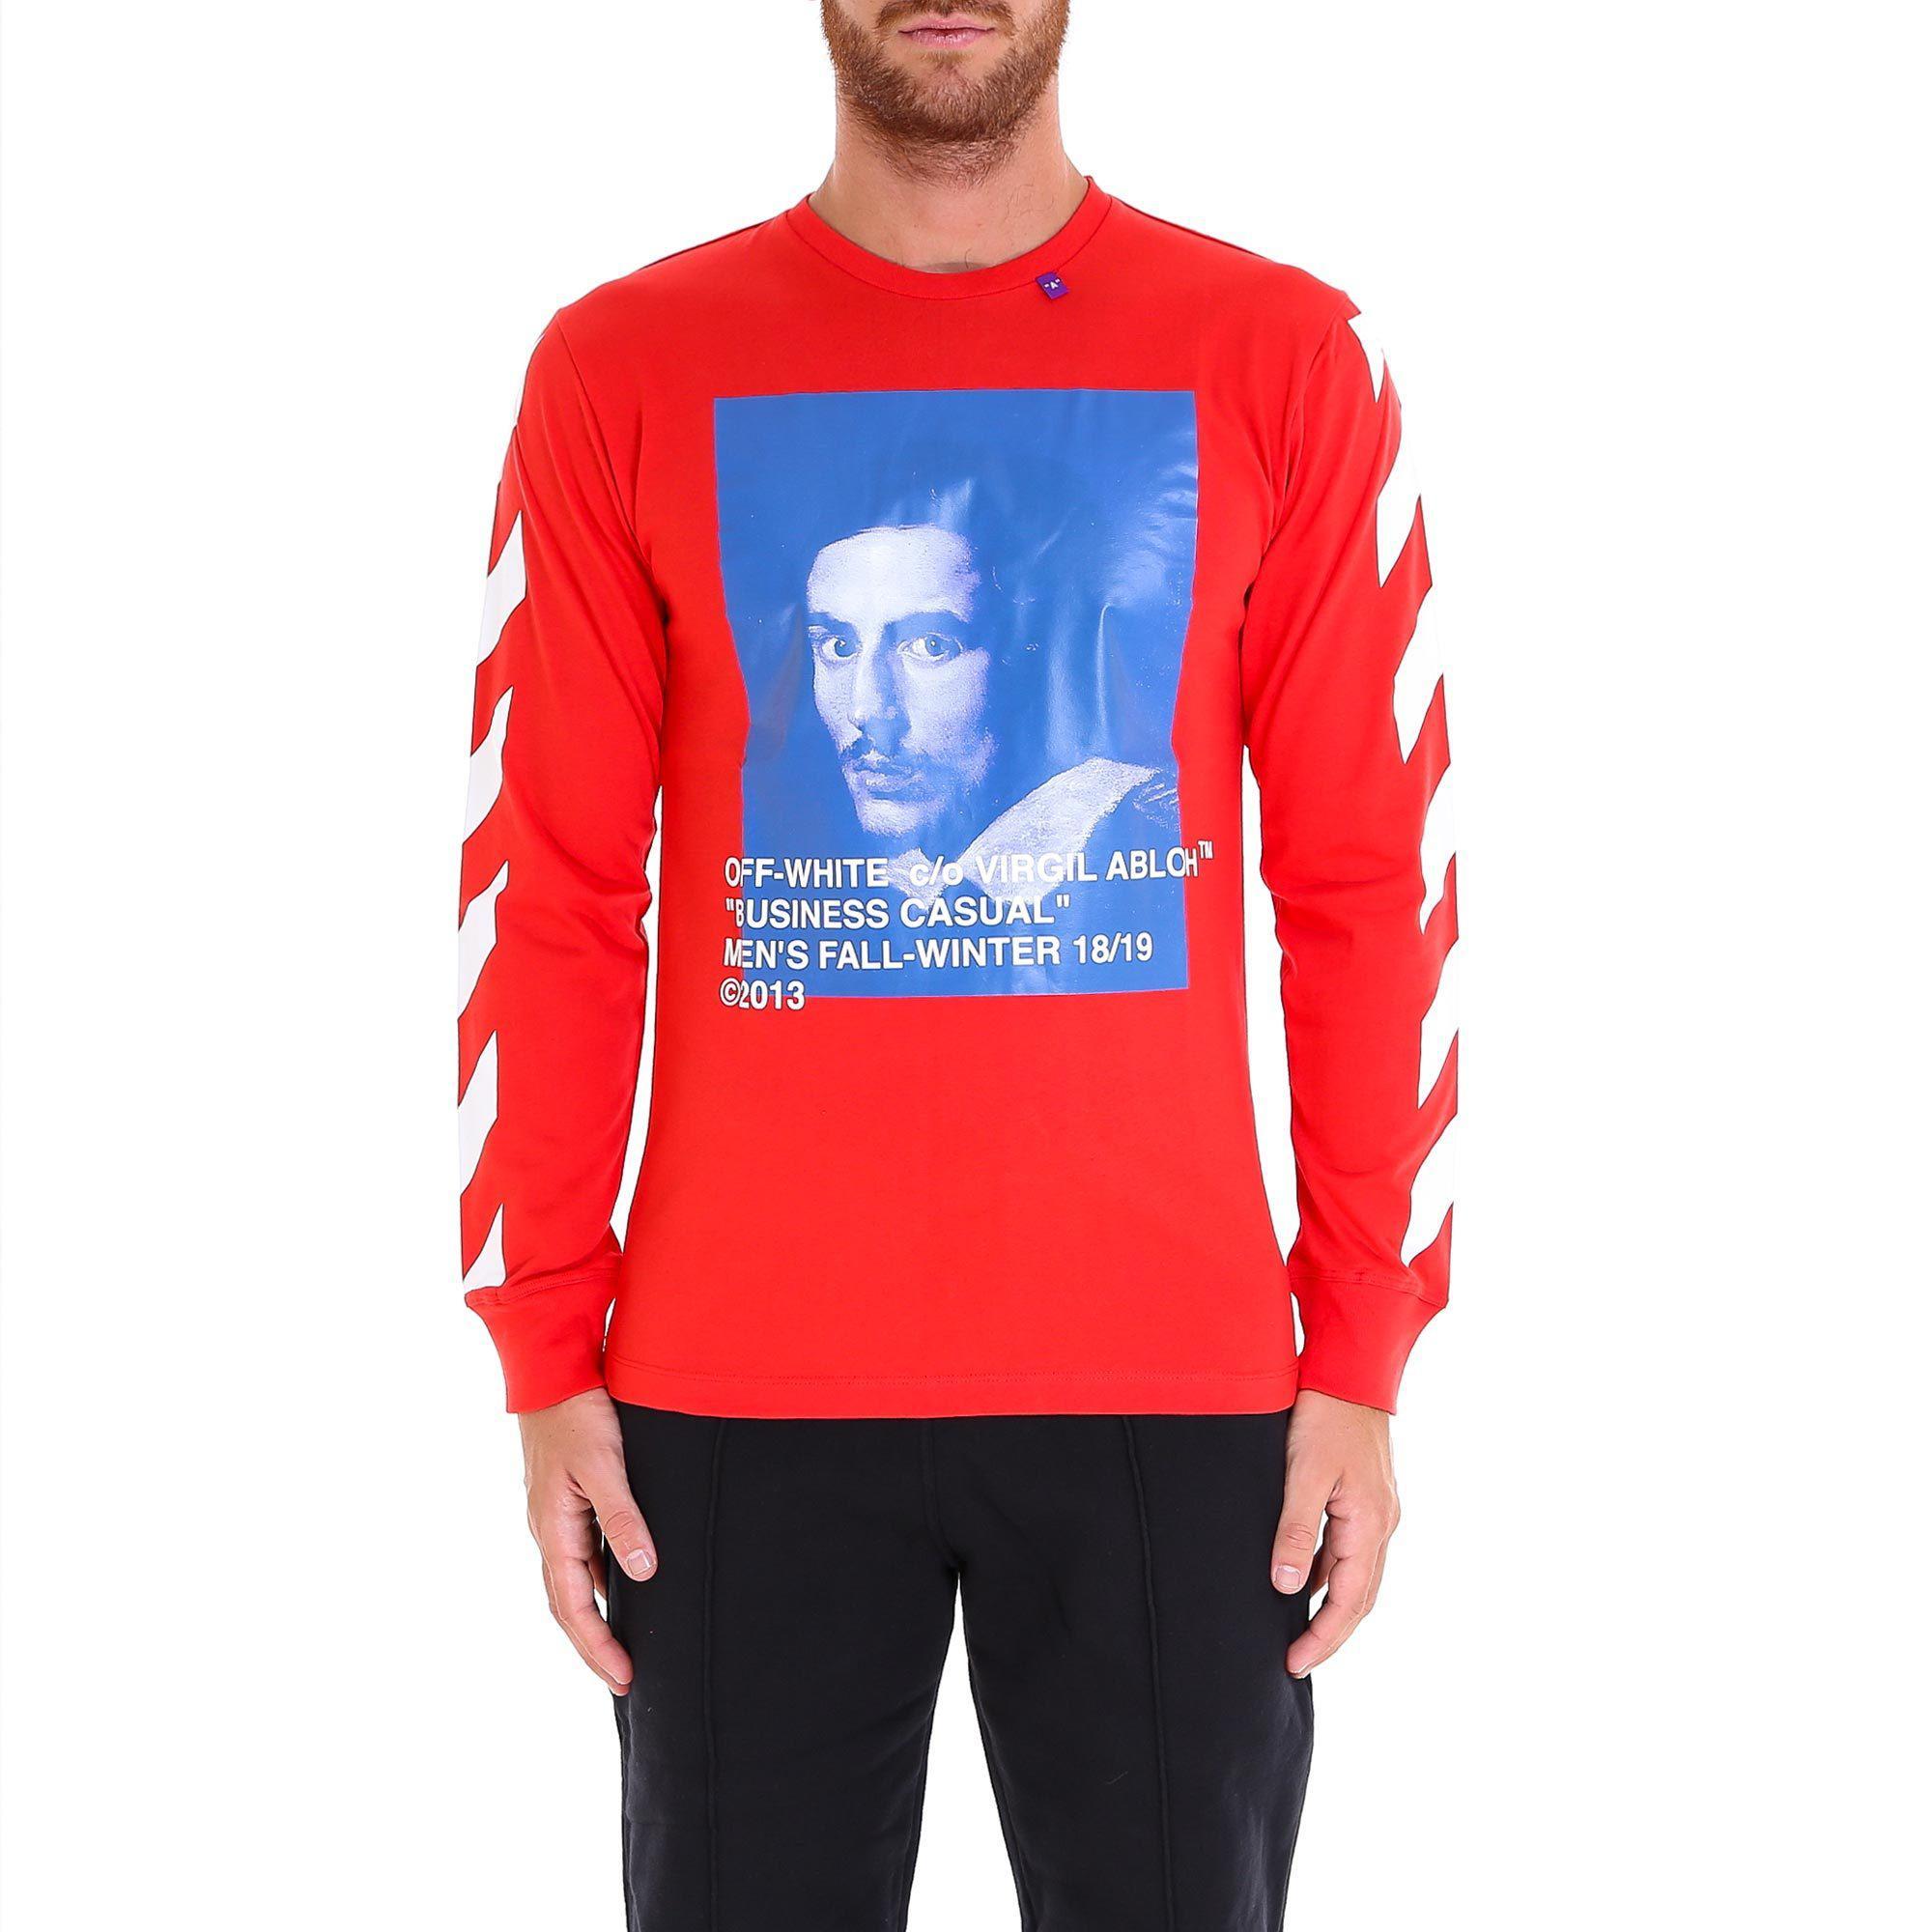 517ad5e7 Off-White C/O Virgil Abloh Bernini Print Sweatshirt in Red for Men ...